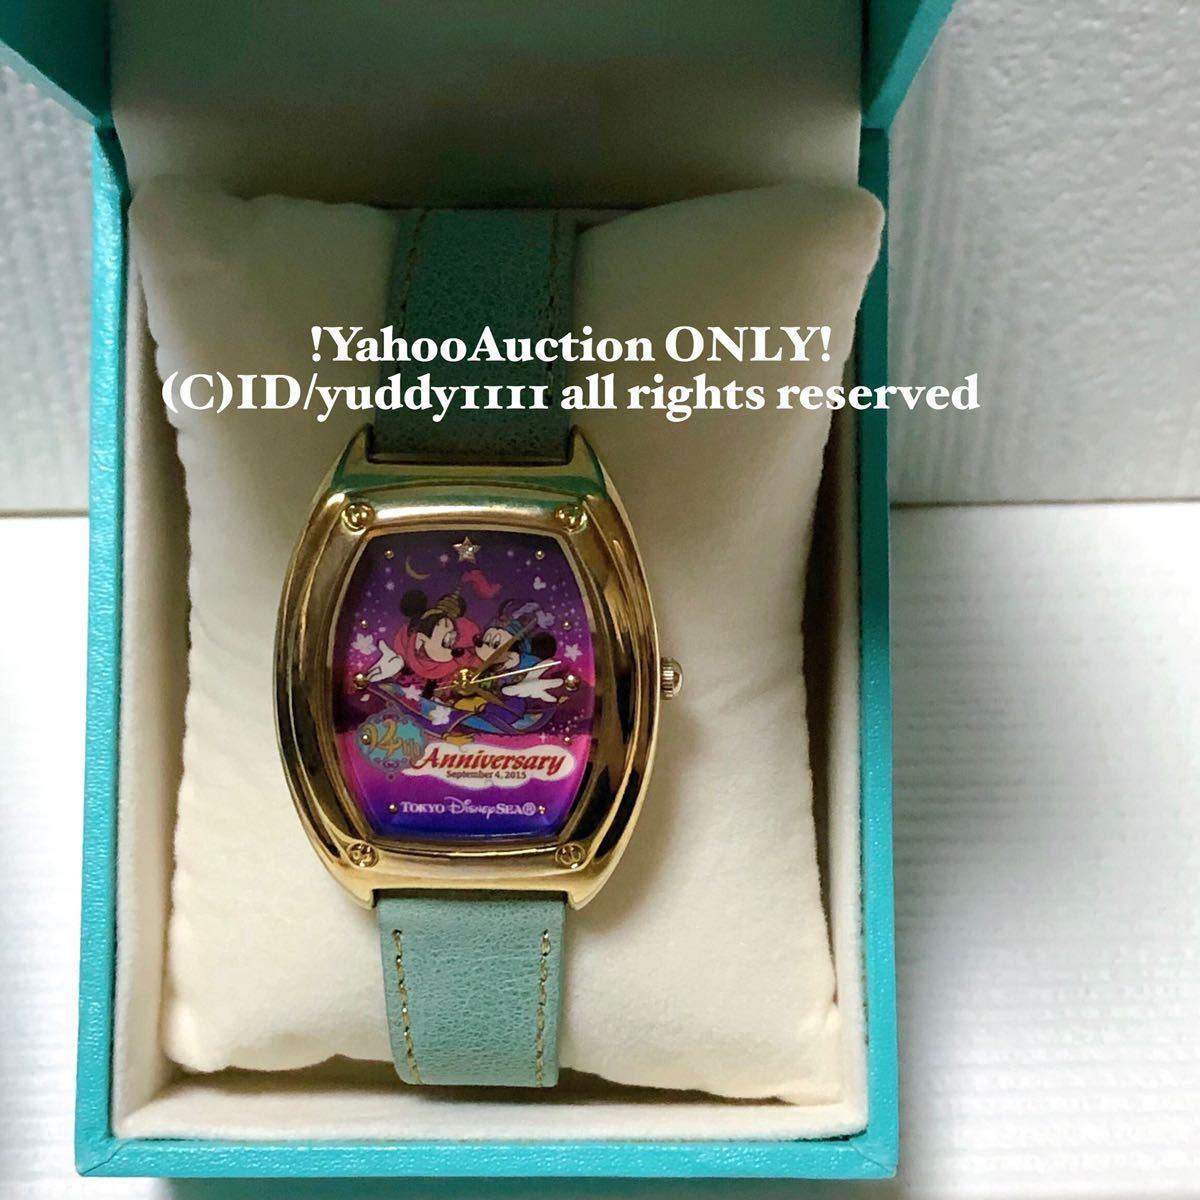 新品 付属品完備 TDS ディズニーシー 14周年 限定 アラビアンコースト ミッキー&ミニー 腕時計 2015年 匿名配送 即決_画像5